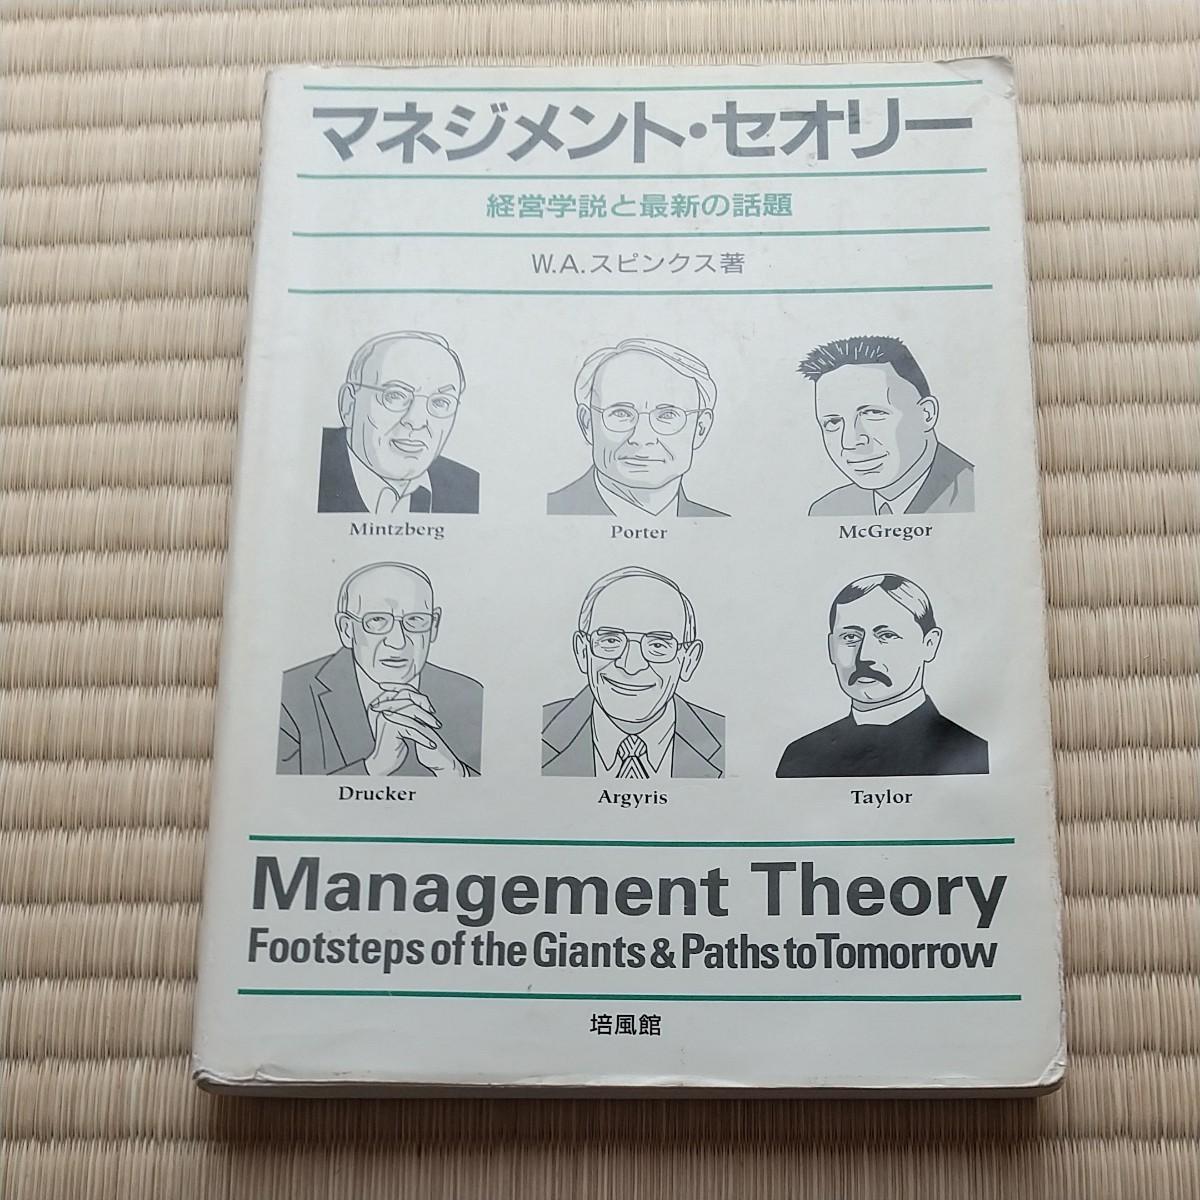 マネジメント・セオリー 経営学説と最新の話題